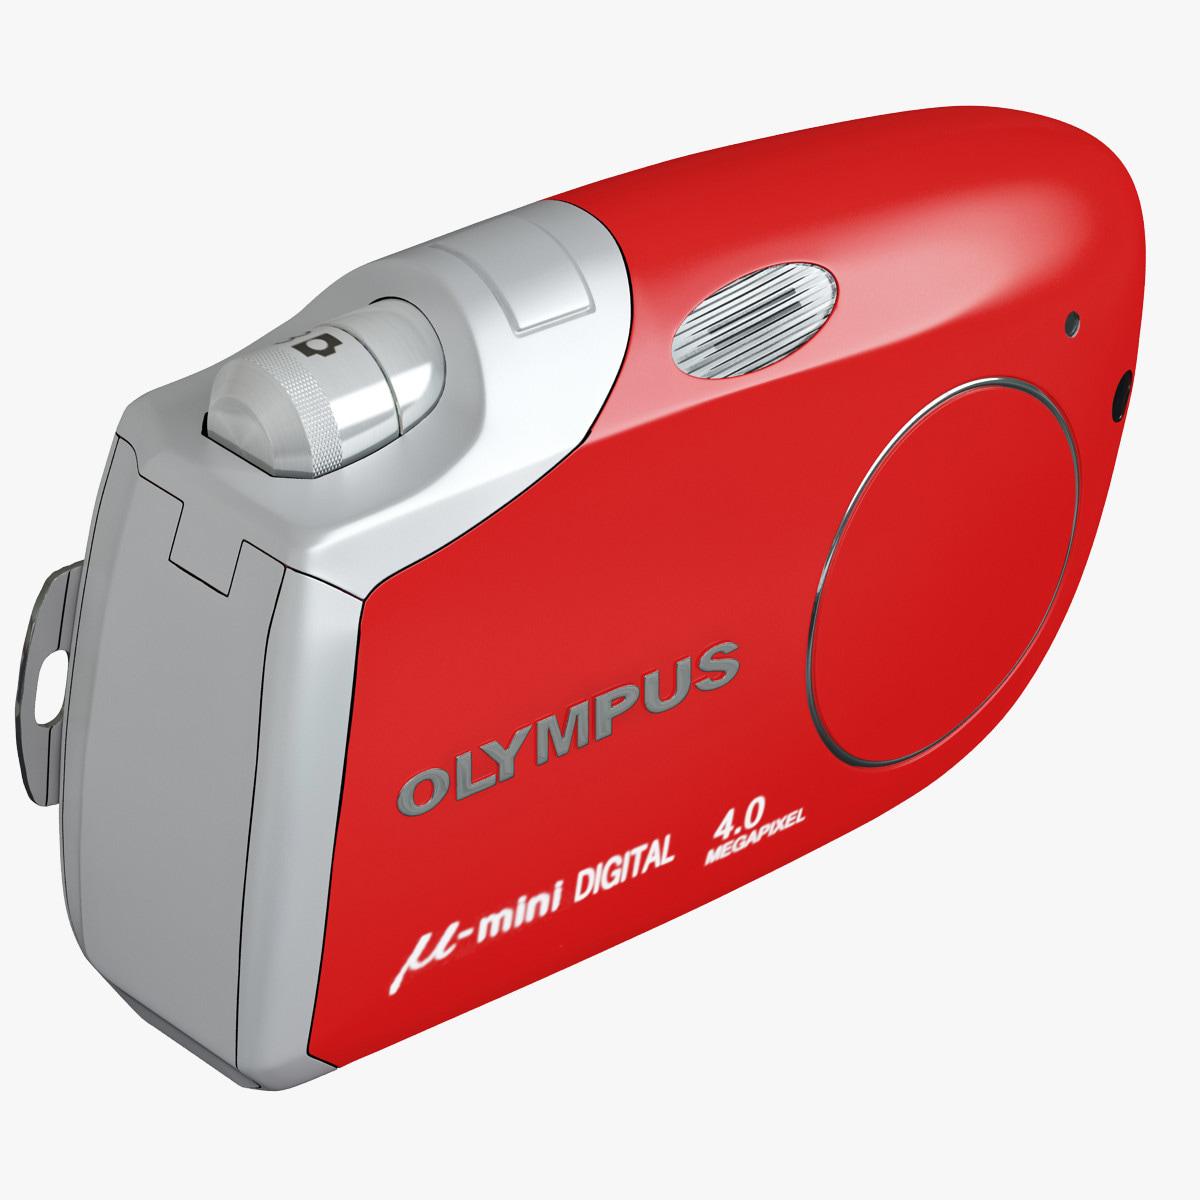 Olympus_M_Mini_Red_000.jpg0c543dcc-7457-4bb2-9cea-1d629c264082Original.jpg